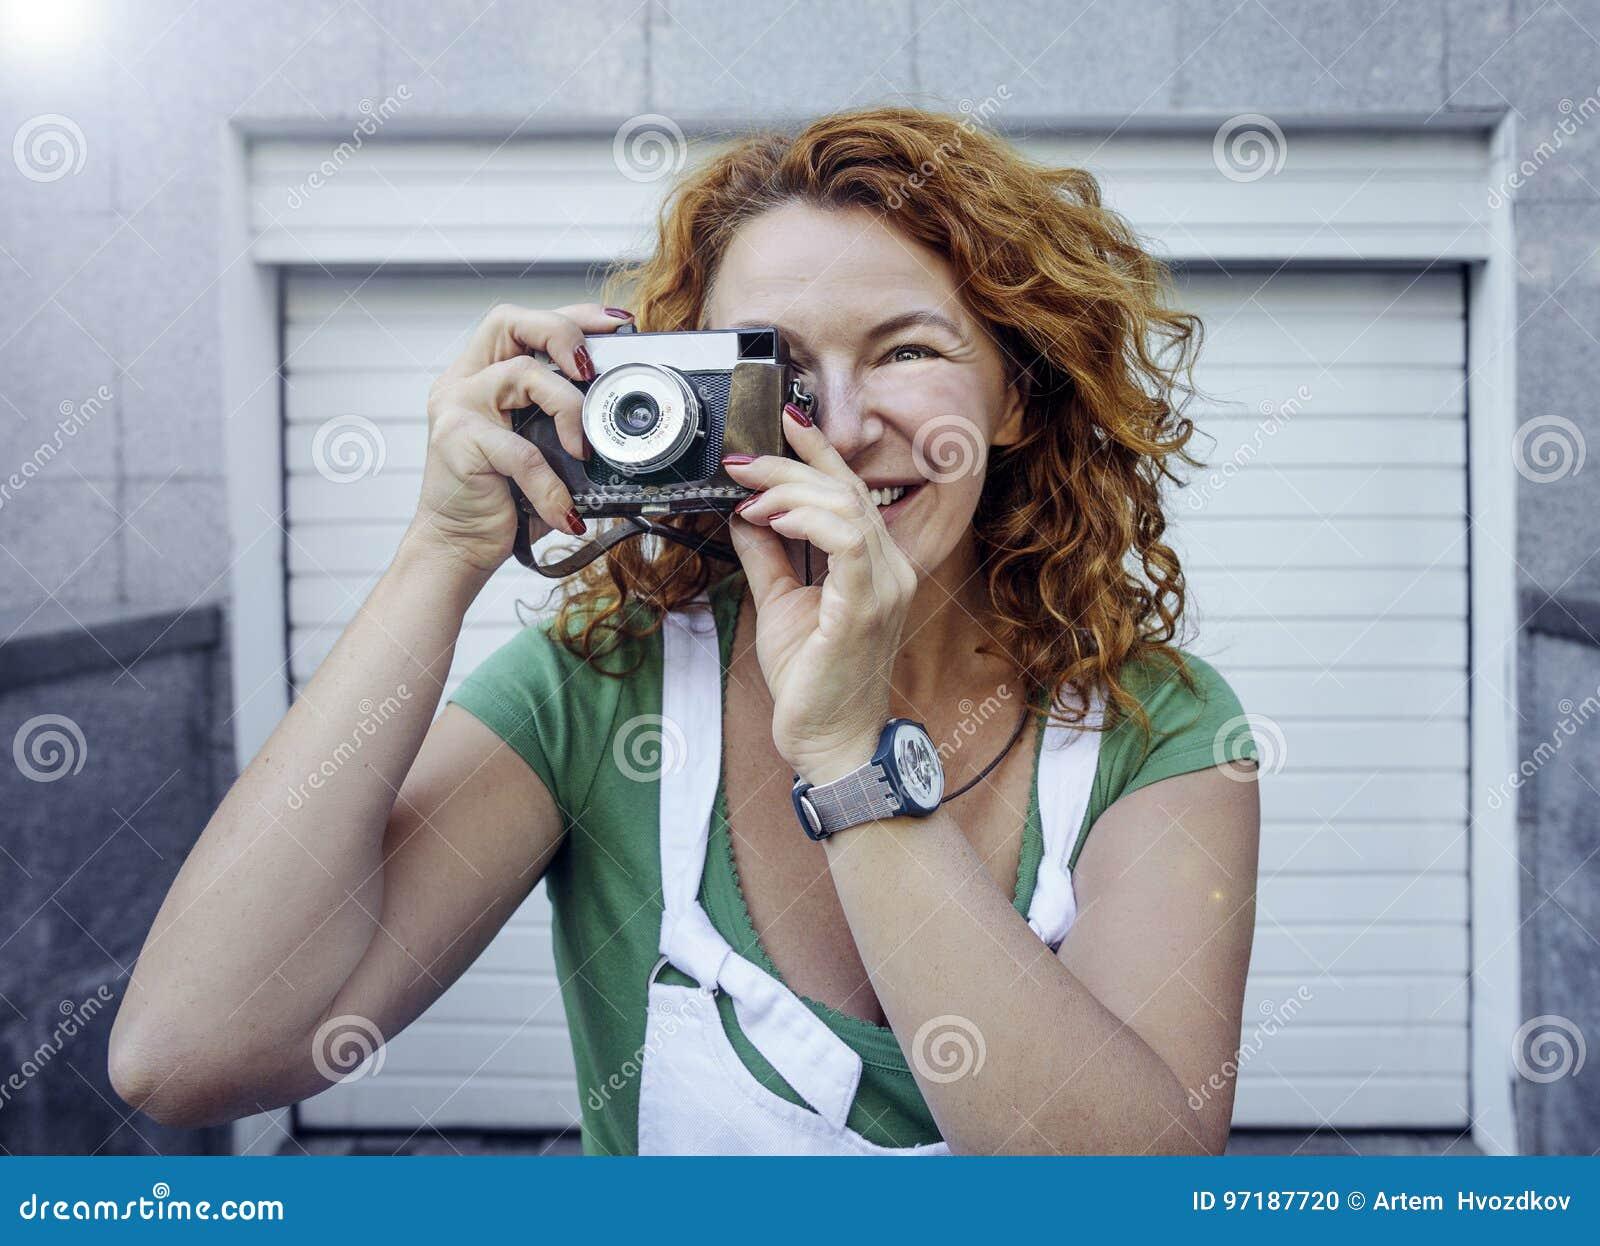 Rozochocona w średnim wieku dama używa rocznik kamerę Dzień, plenerowy